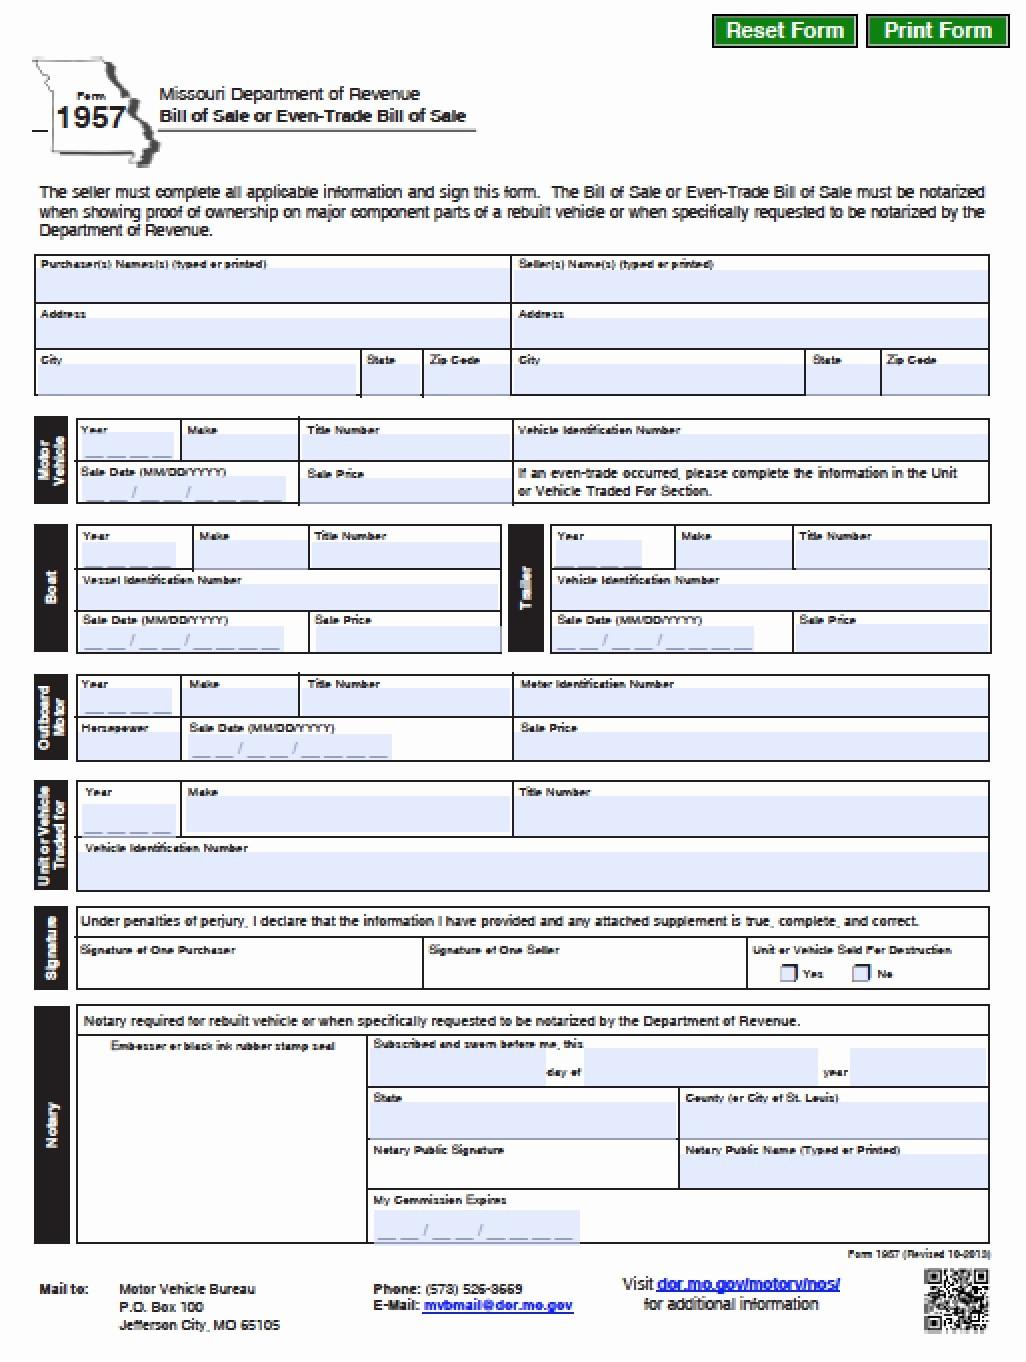 Nc Dmv Bill Of Sale Beautiful Free Missouri Dmv Vehicle Boat Bill Of Sale form